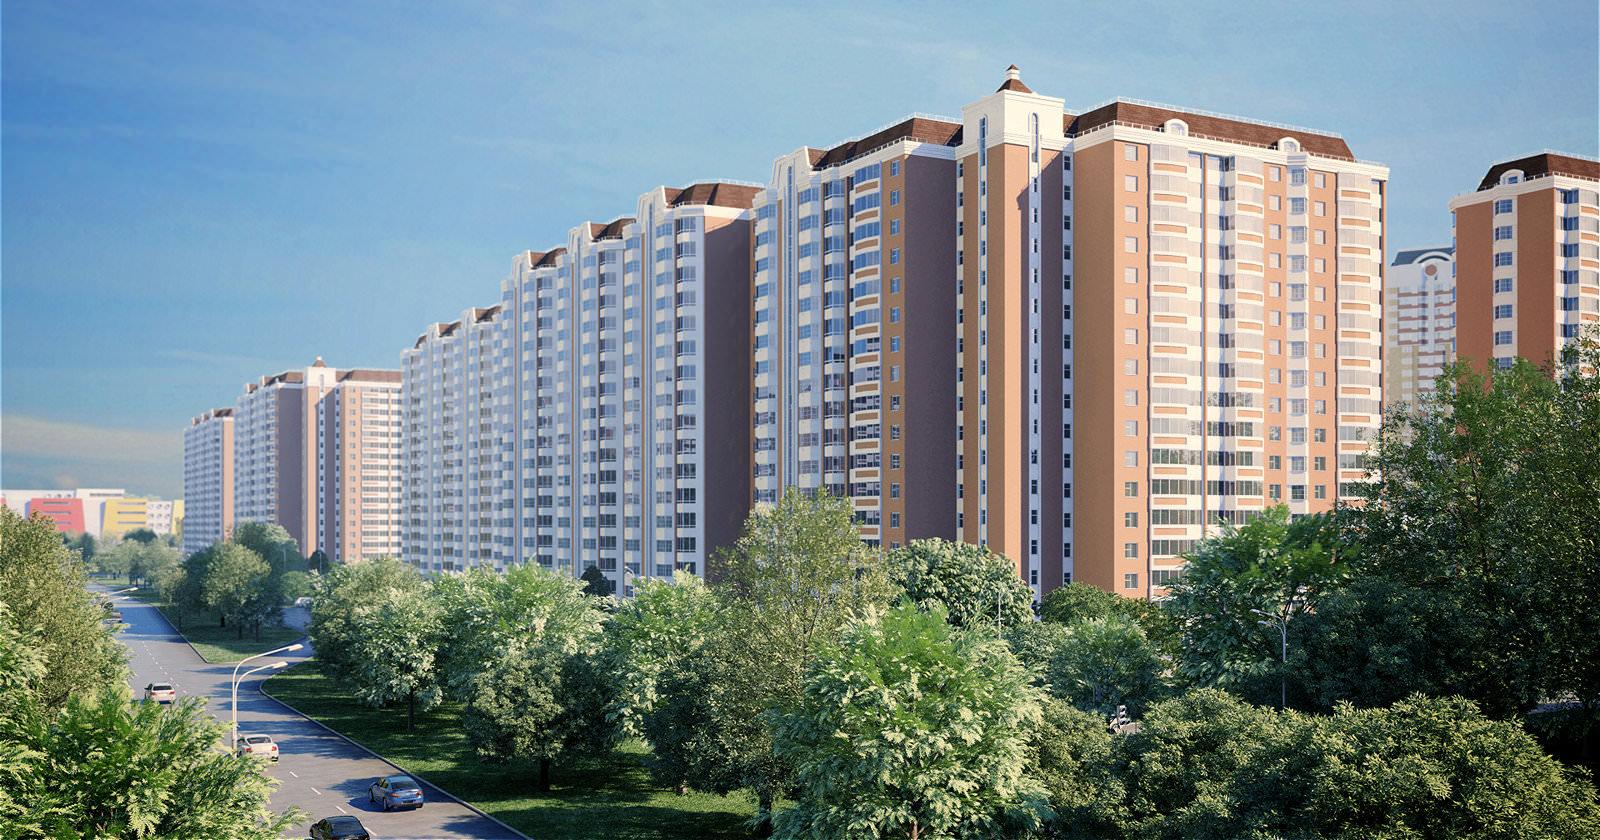 Сбербанк начал выдавать ипотеку в ЖК «Некрасовка-Парк»